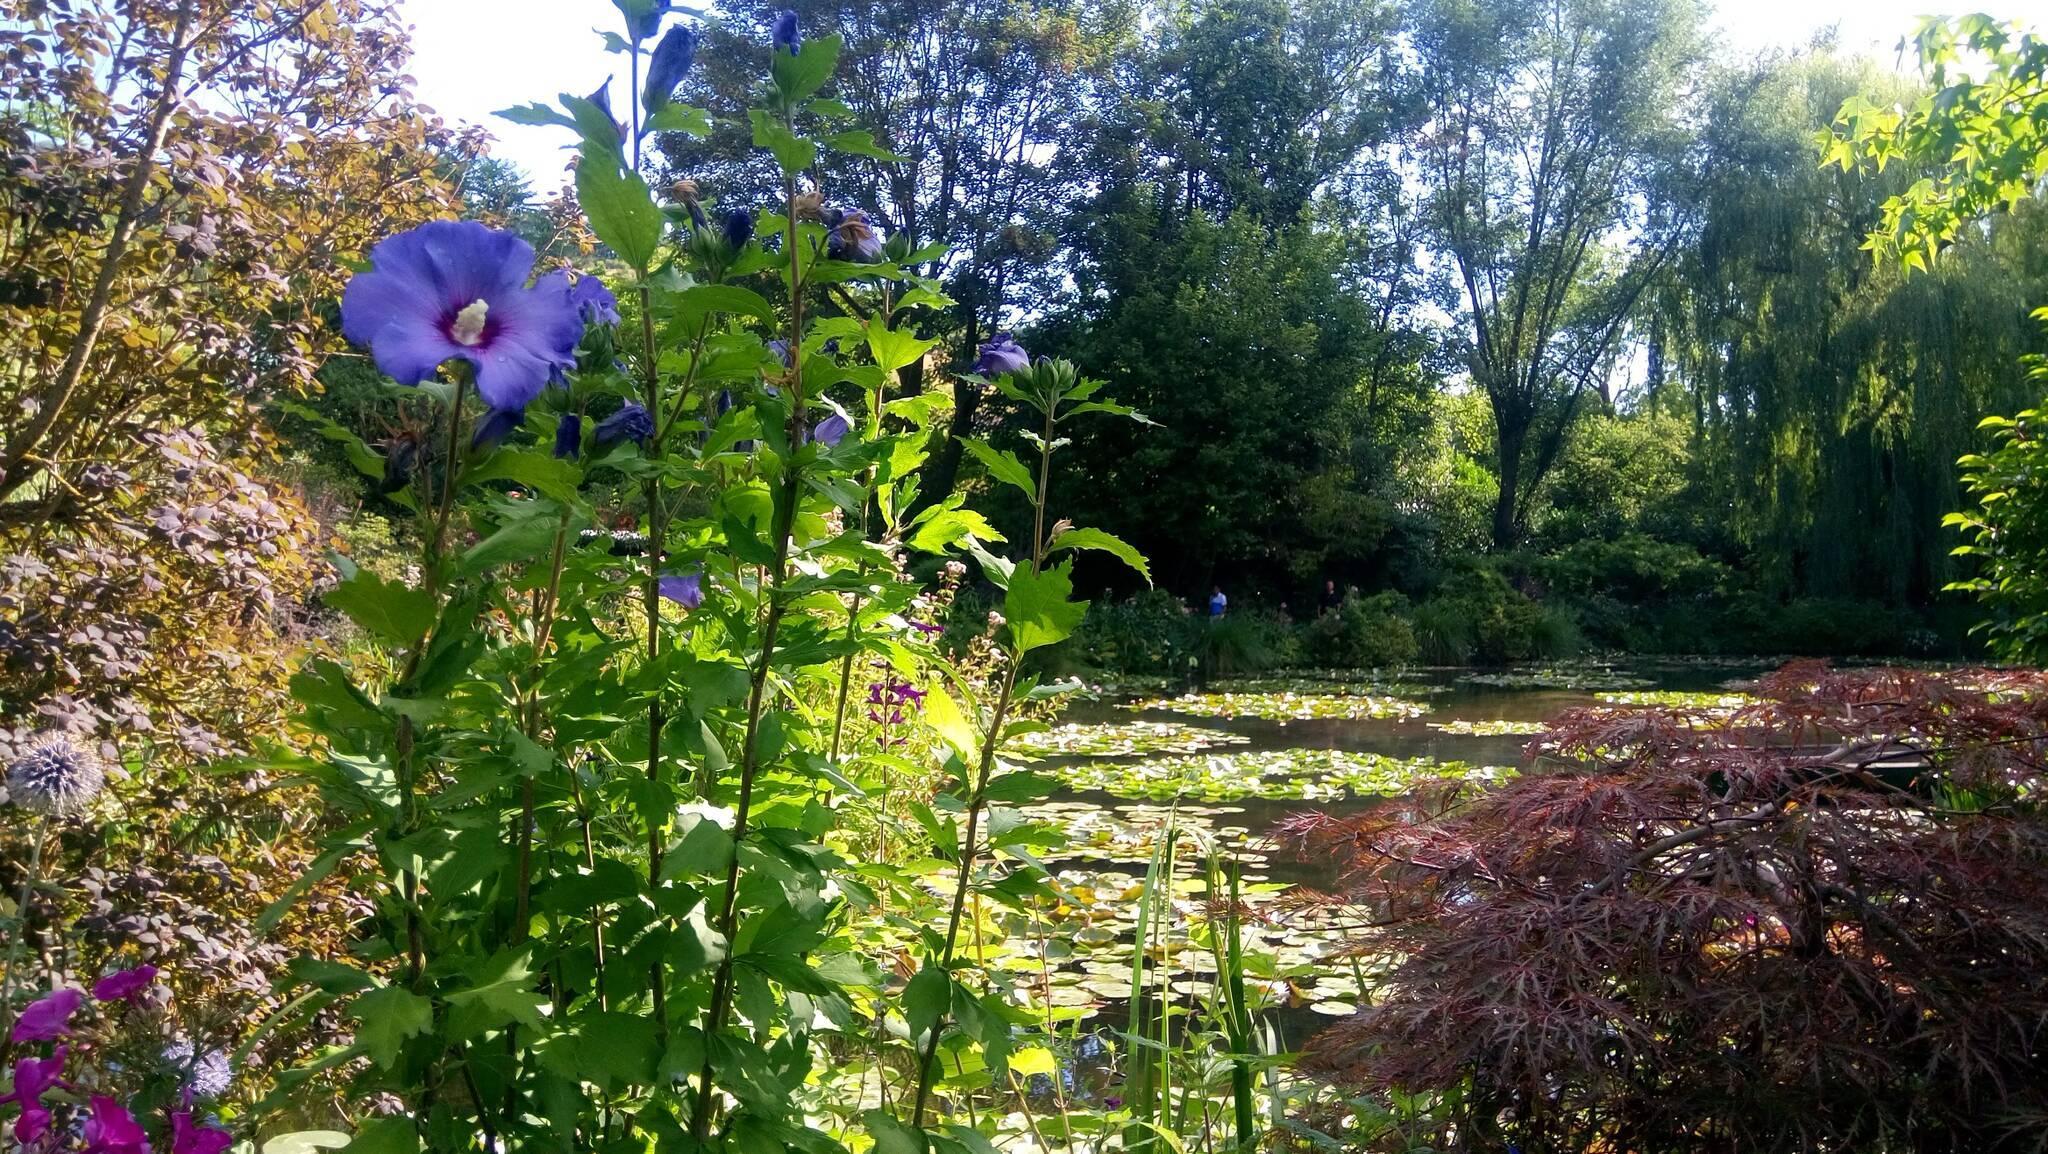 MS SWISS RUBY: Faszination an Oise und Seine (28.7. bis 4.8.)